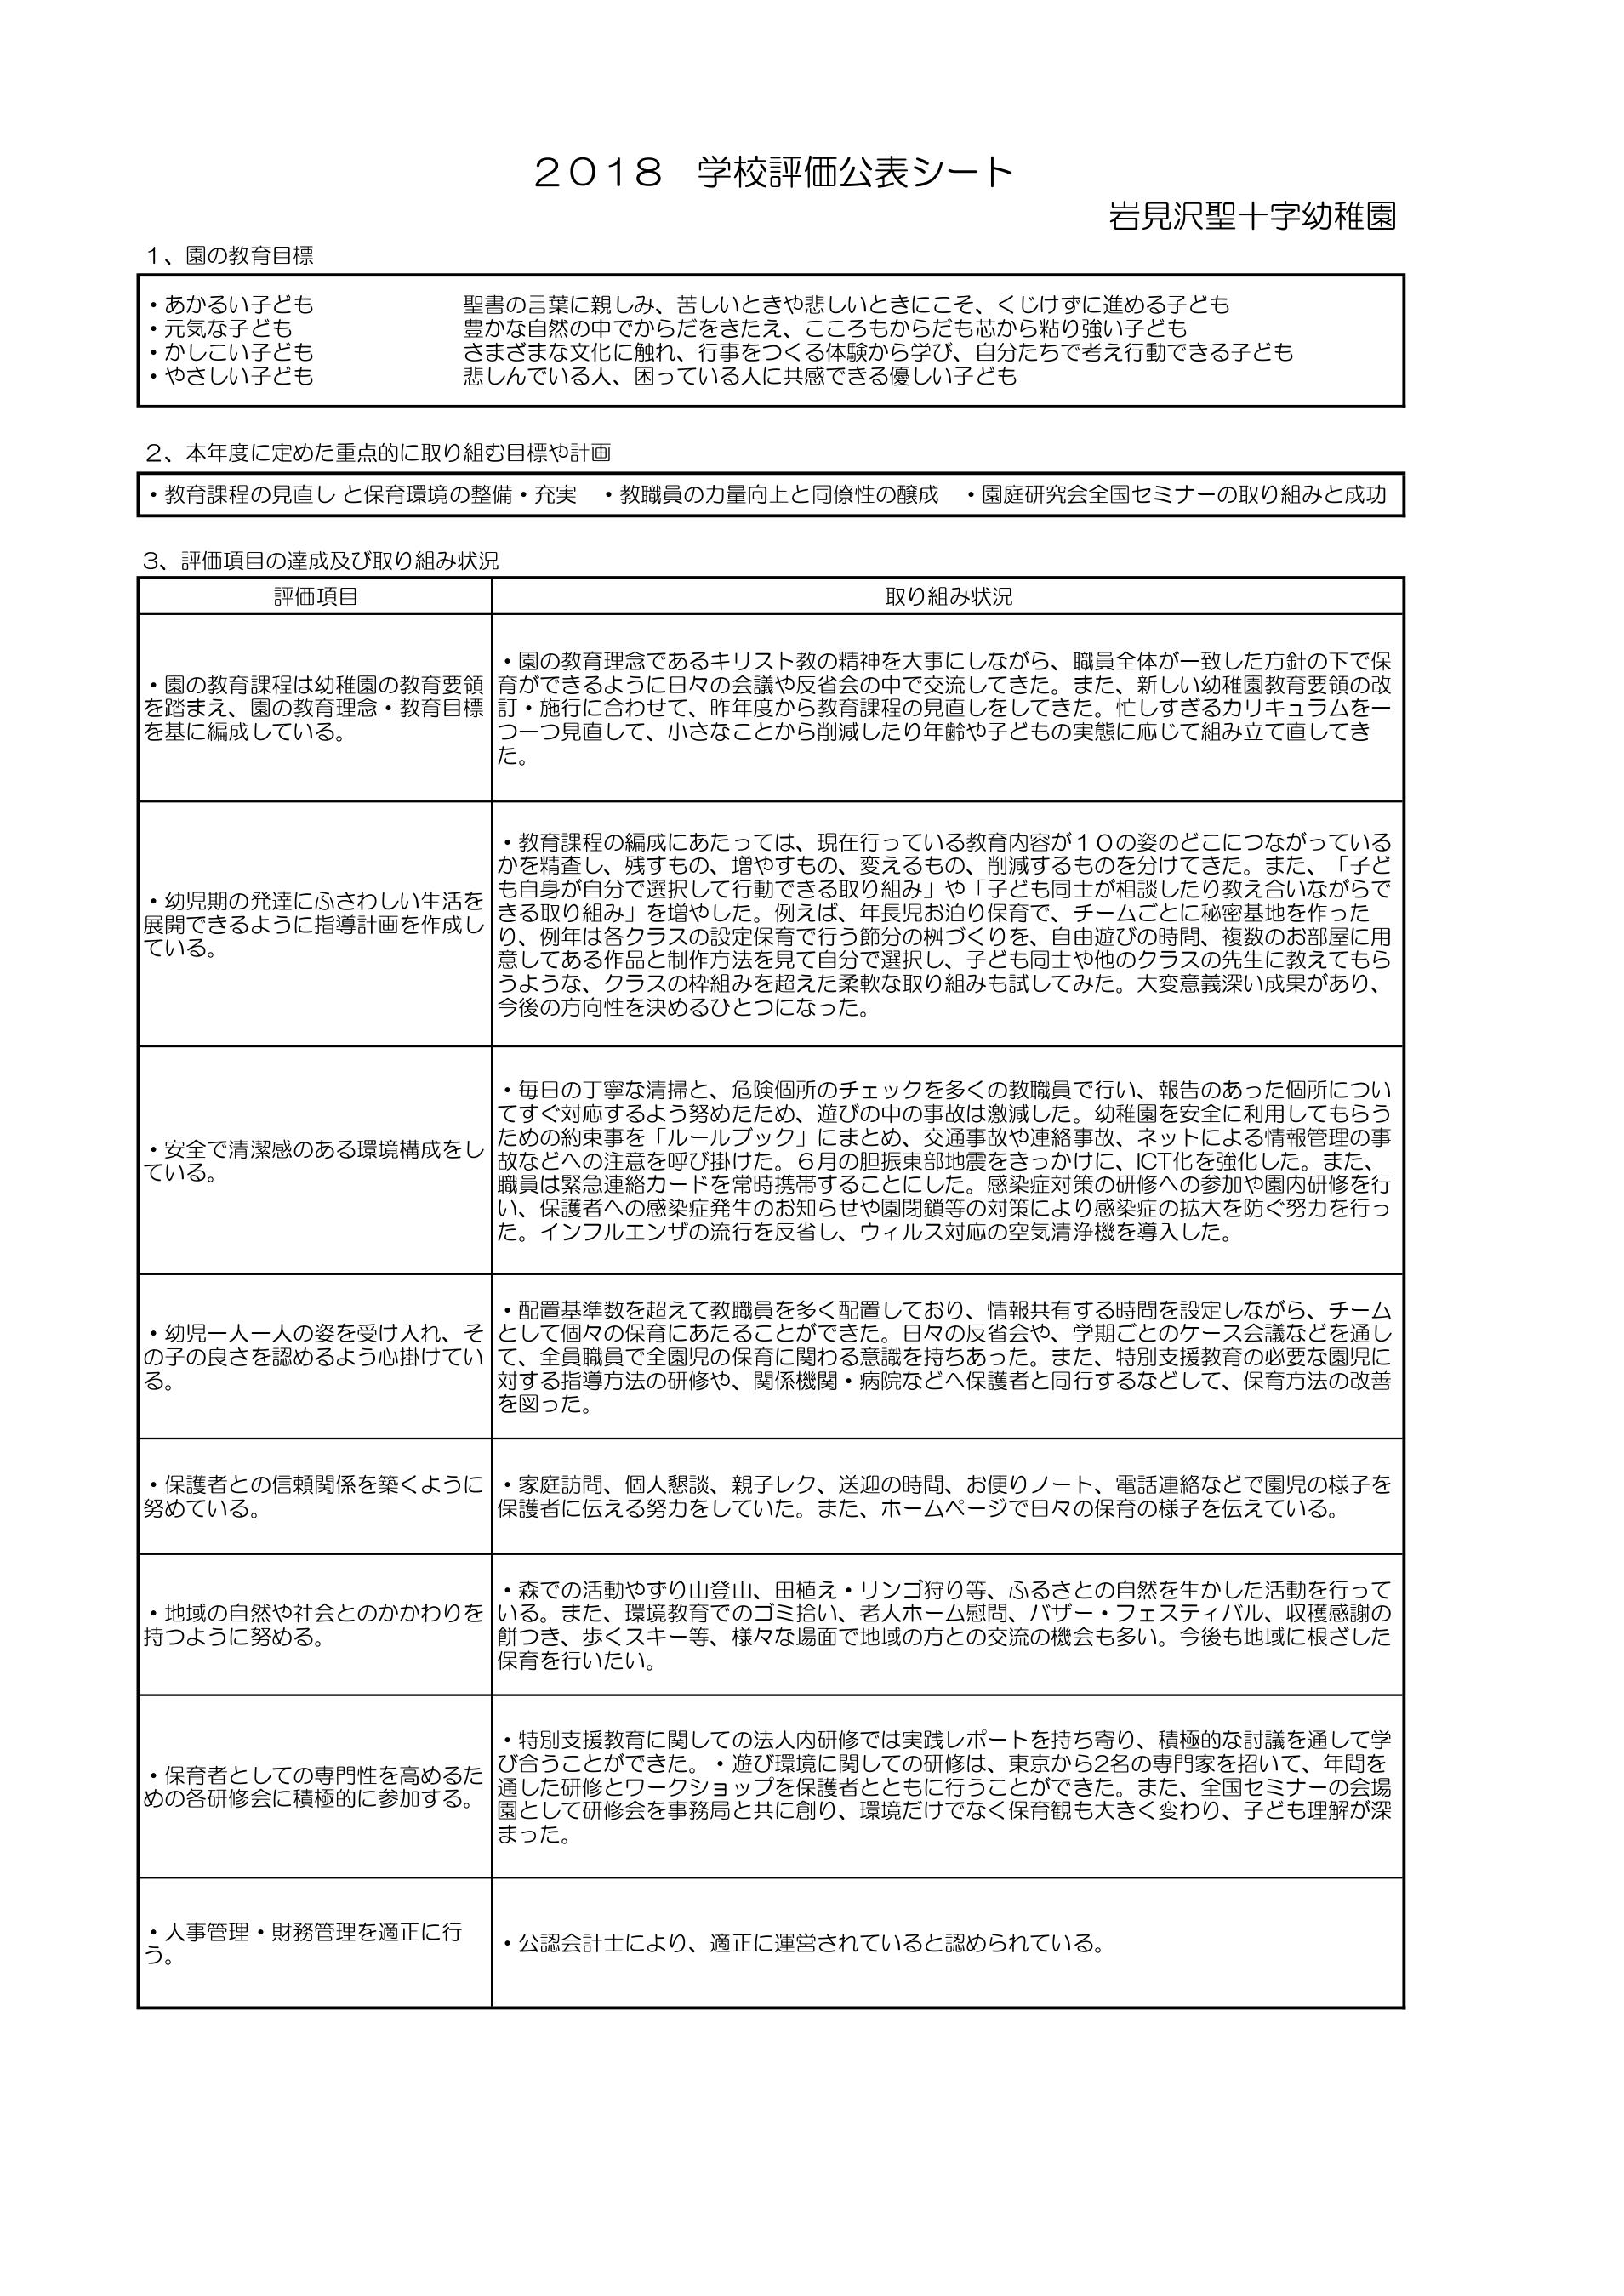 2018蟄ヲ譬。隧穂セ。蜈ャ陦ィ繧キ繝シ繝・page-0001